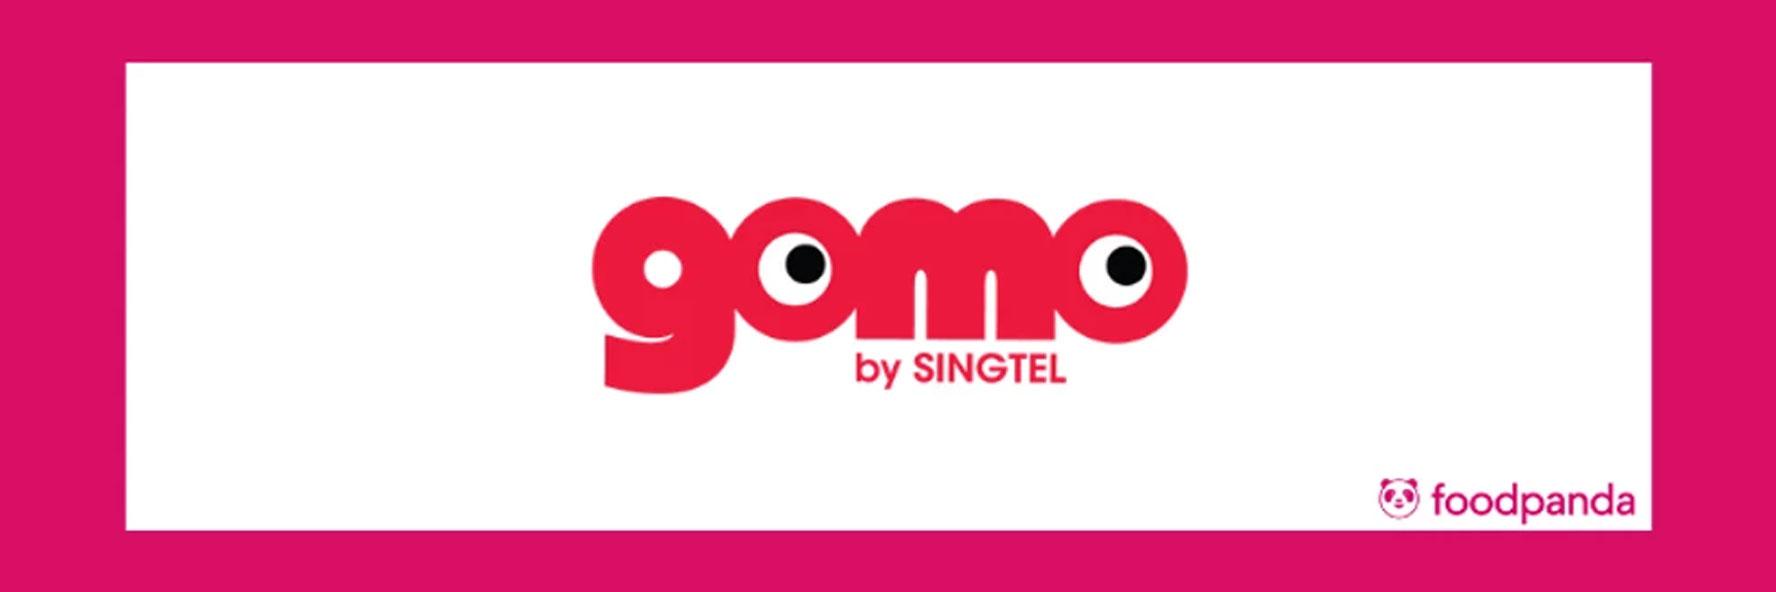 GOMO by Singtel